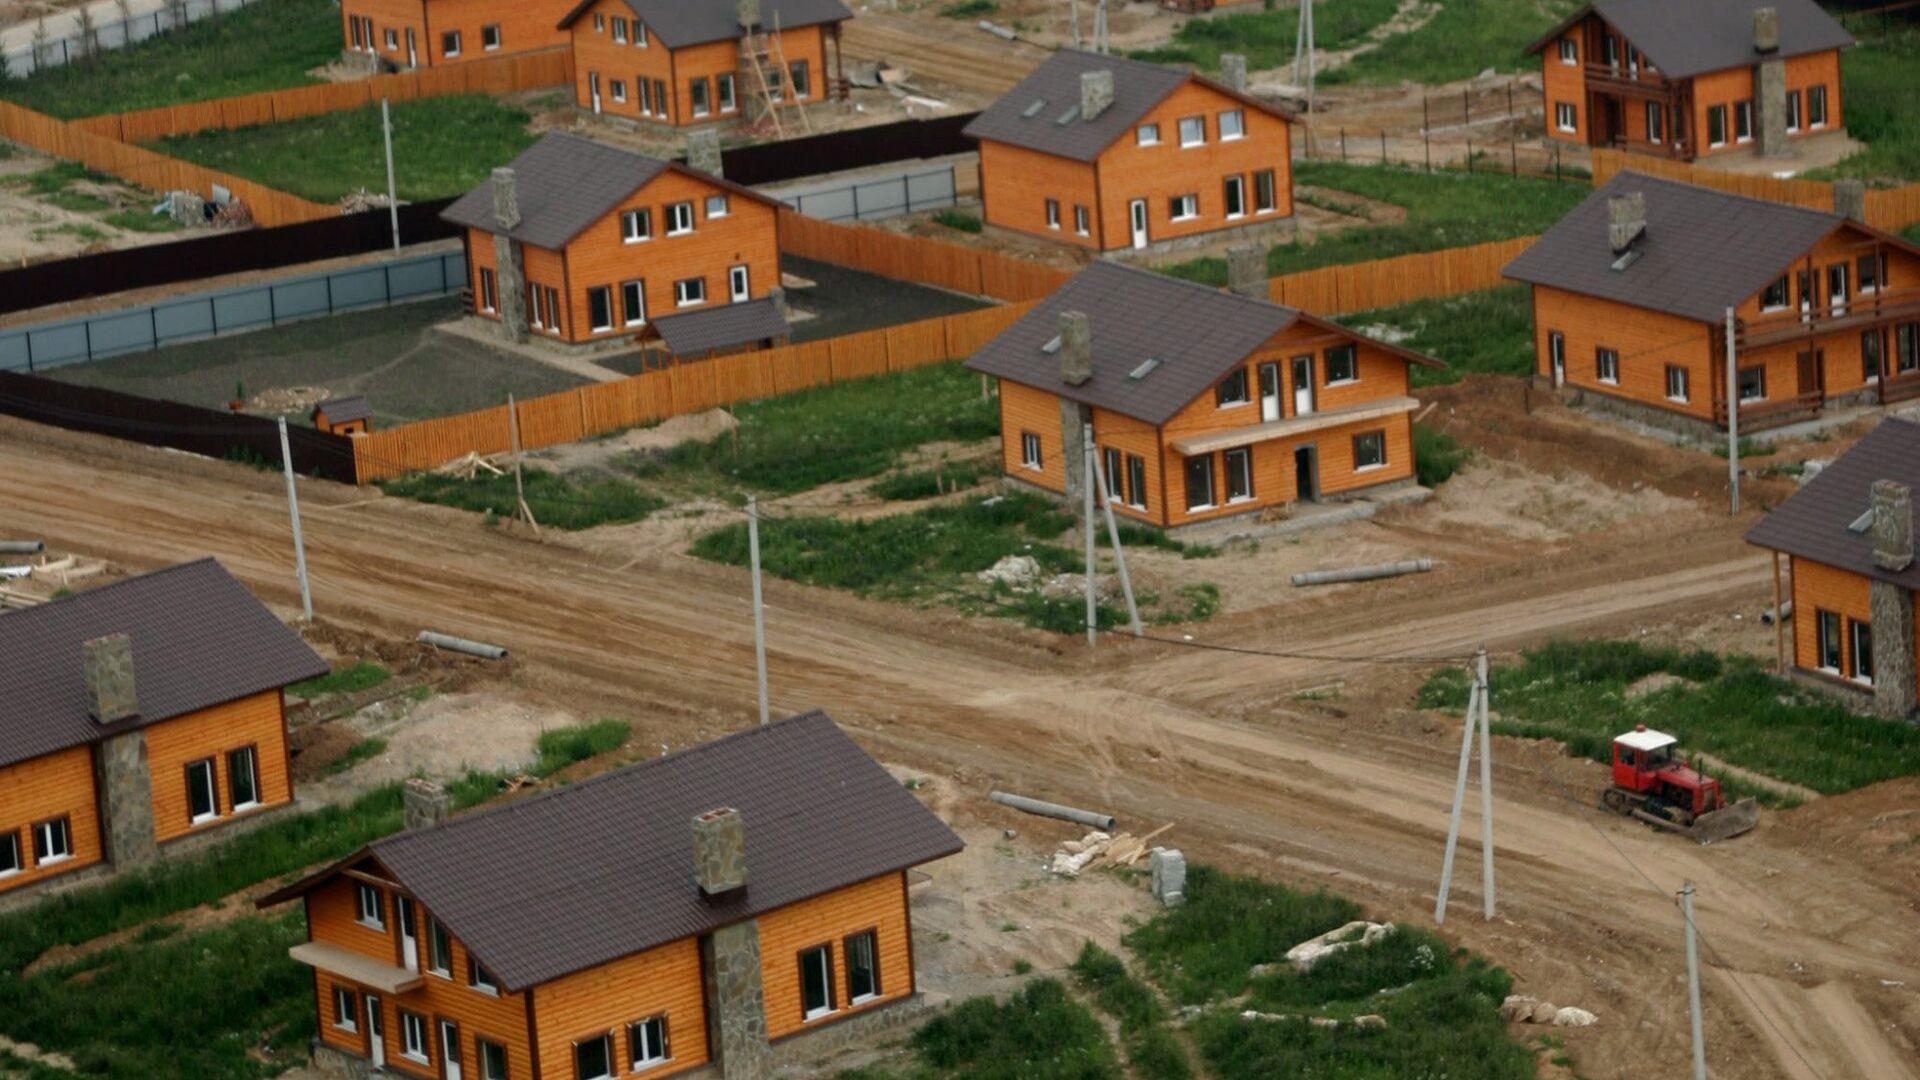 Коттеджный поселок, дома, коттеджи, Новорижское шоссе - РИА Новости, 1920, 11.01.2021